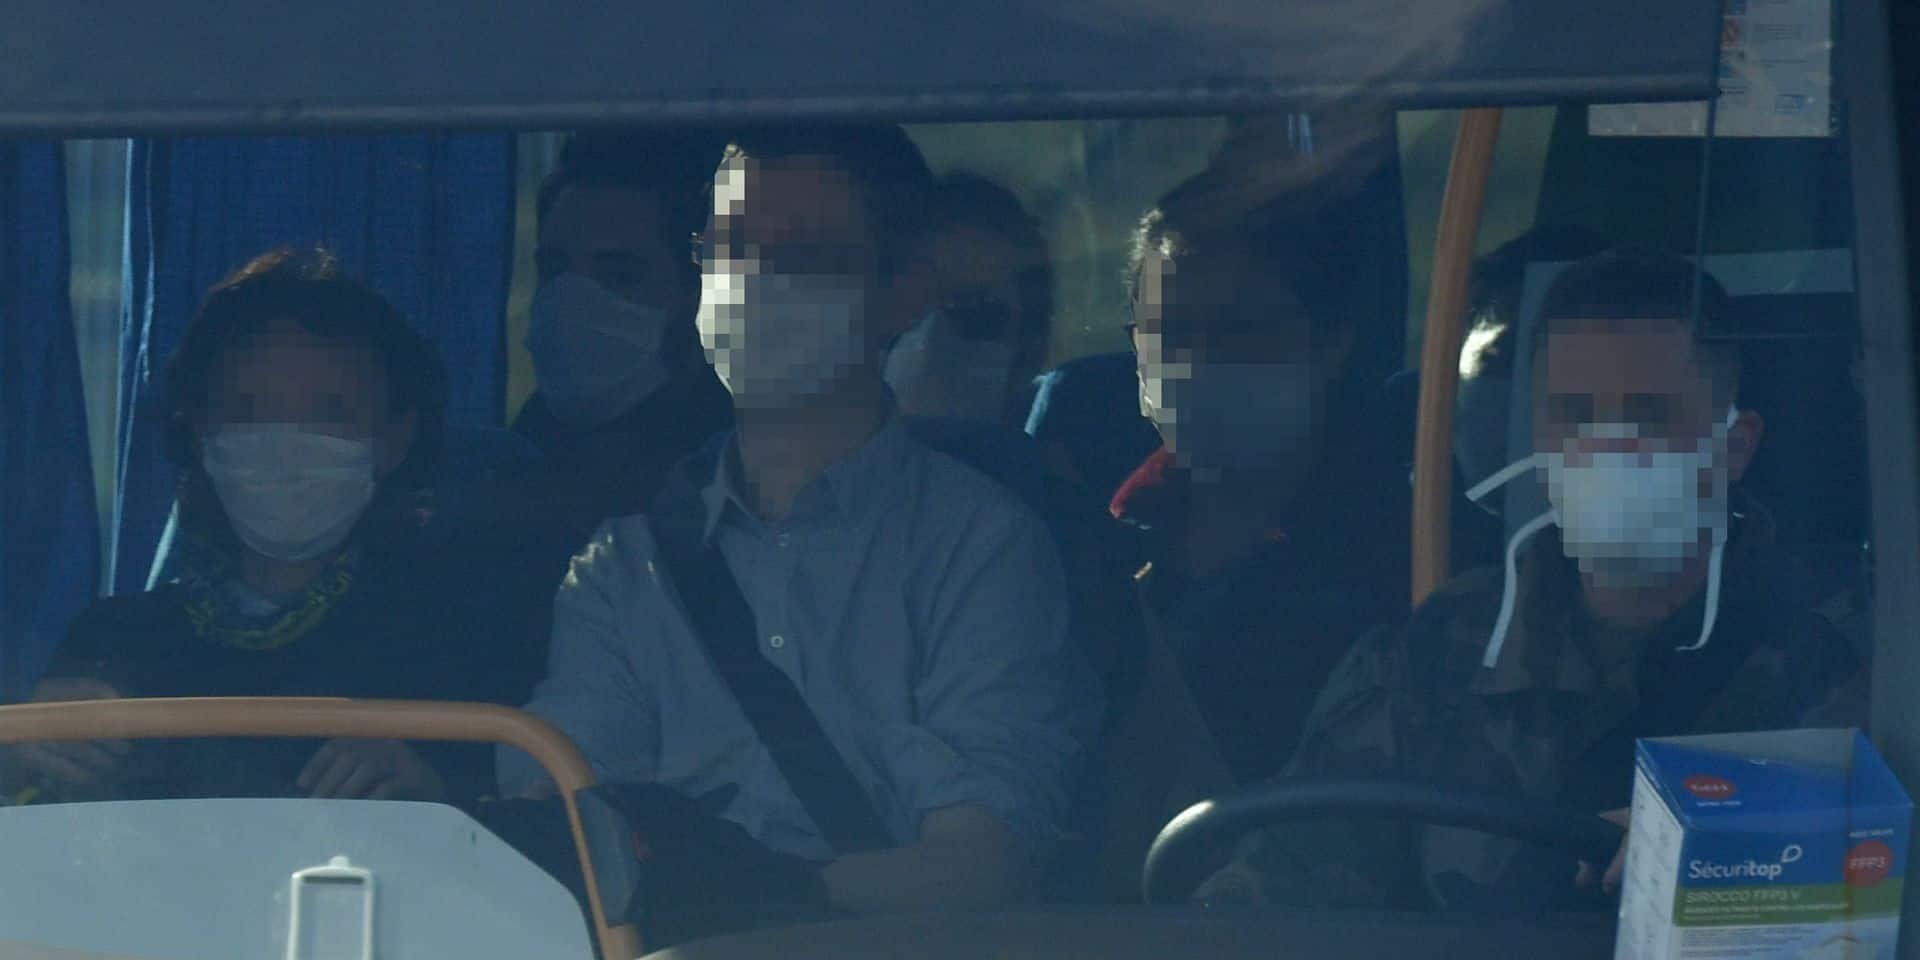 """Coronavirus: un passager de l'avion rapatriant des Français de Wuhan présente """"des symptômes"""""""